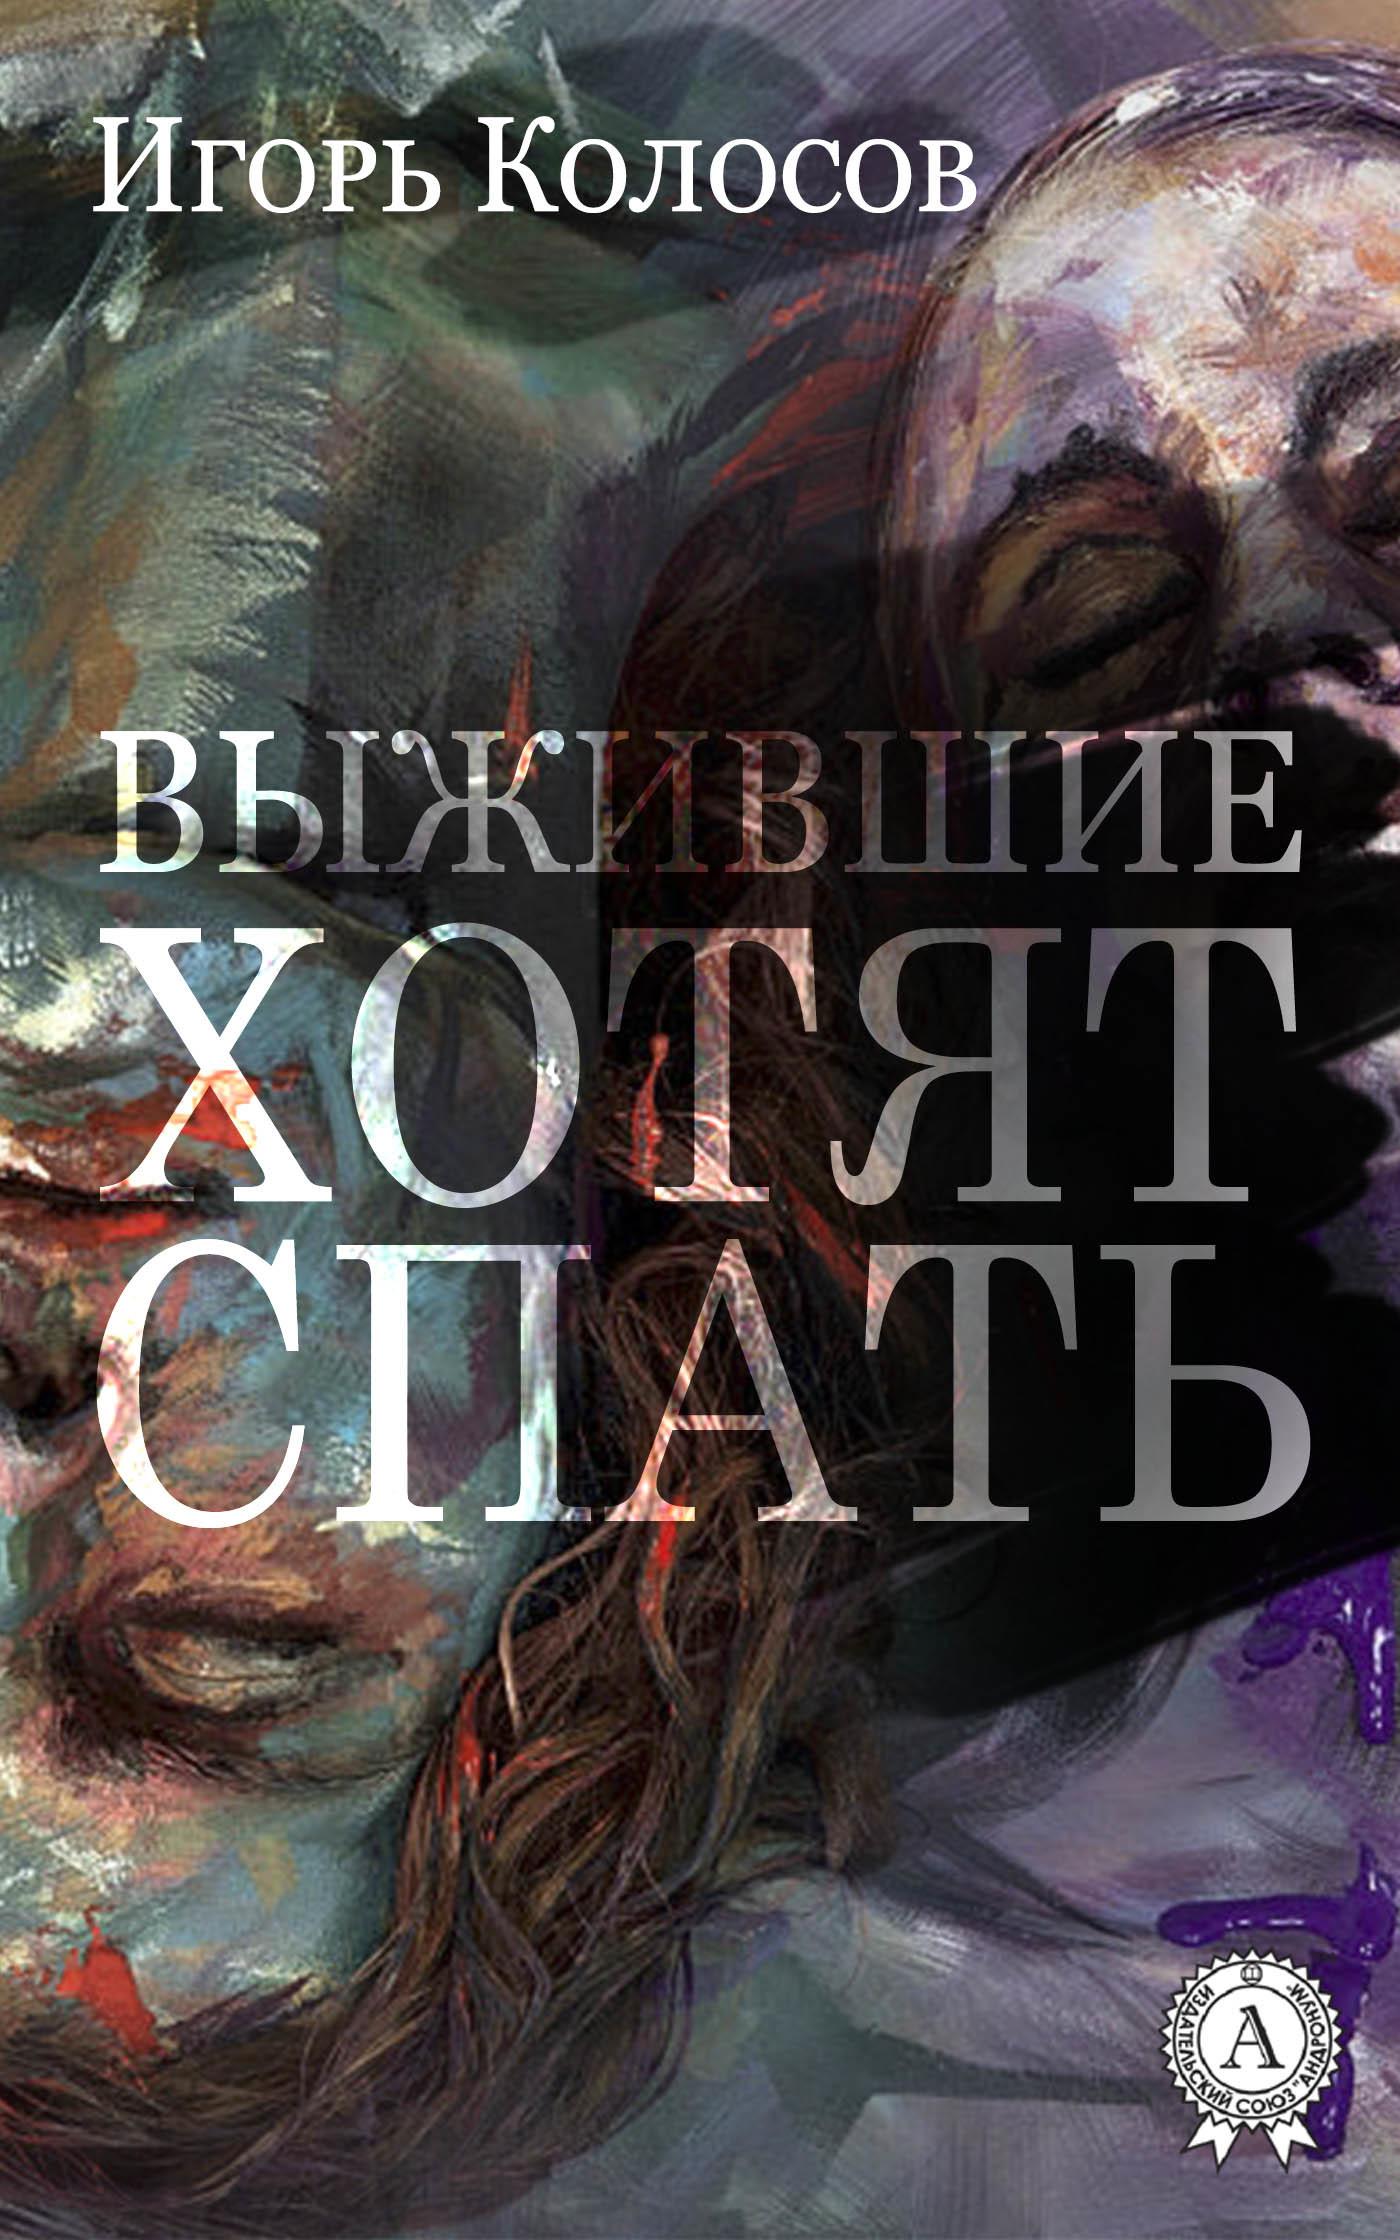 Игорь Колосов - Выжившие хотят спать